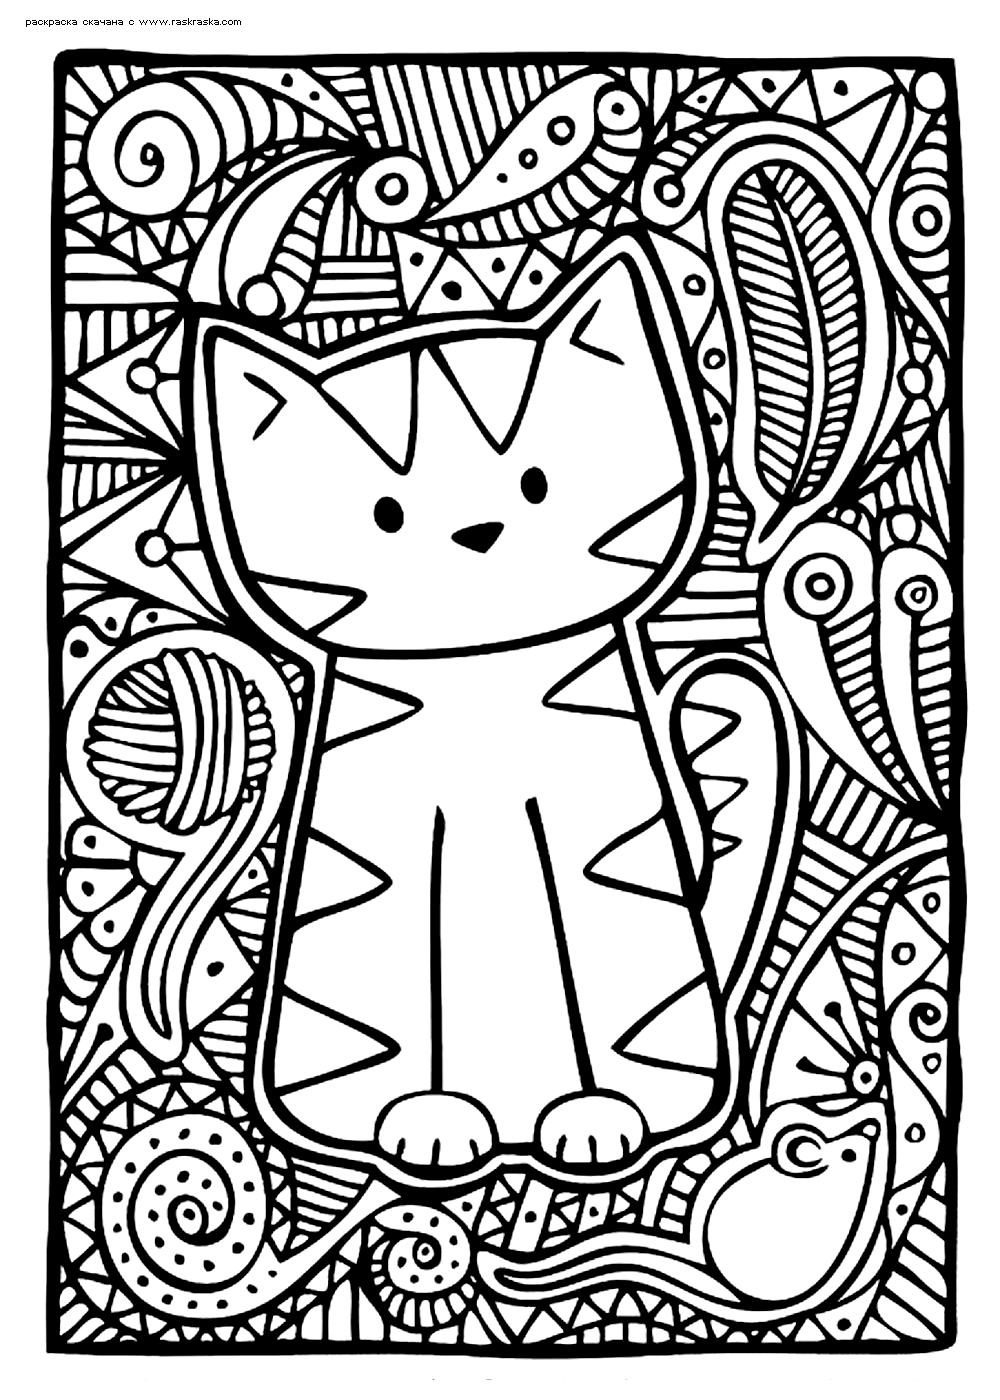 Раскраска Милый котенок | Раскраски антистресс Кошки ...